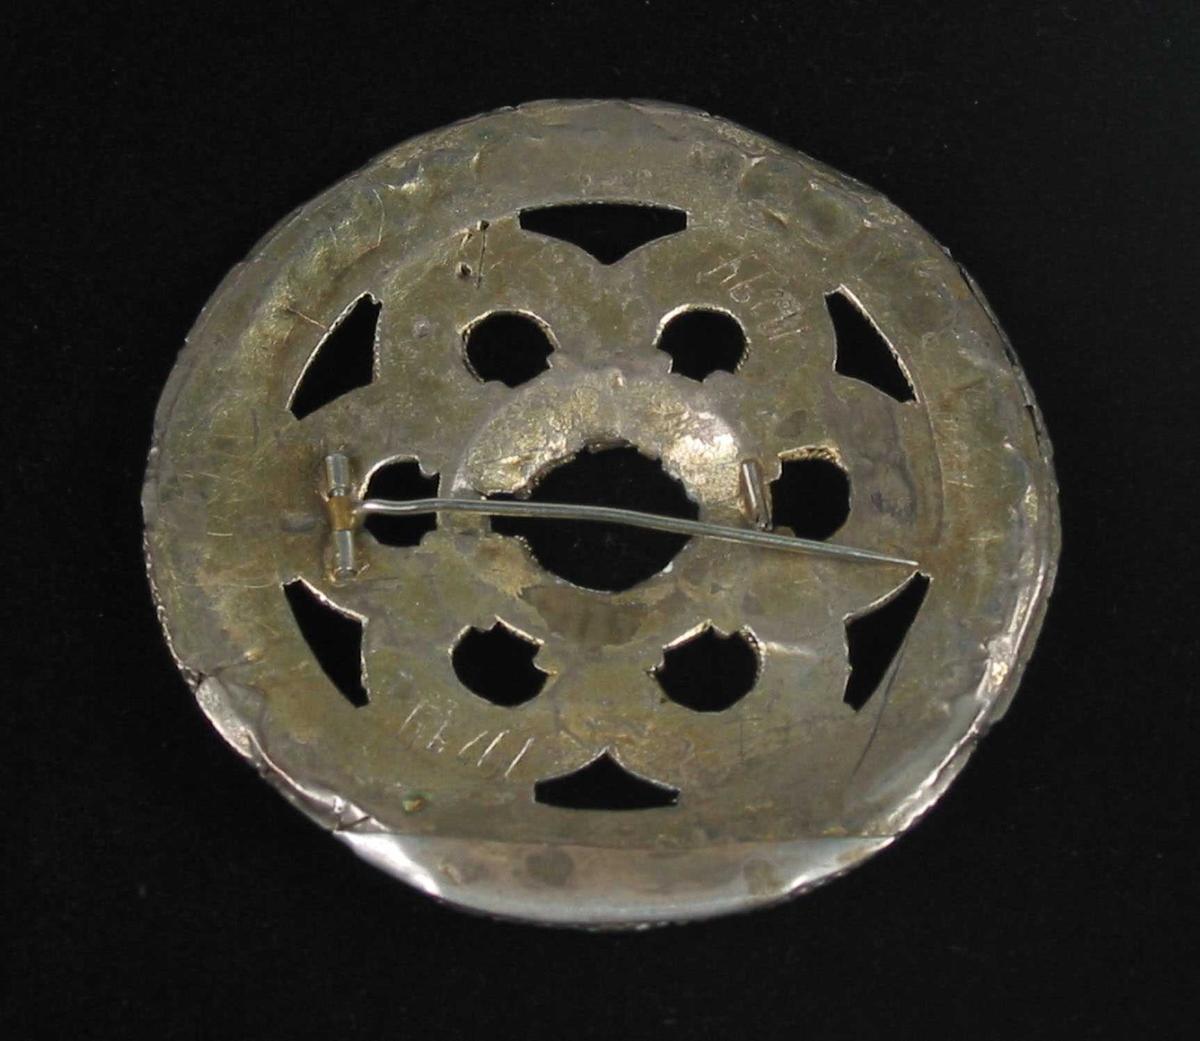 Slangesølje i forgylt sølv. Gjorden er av rørtråd. Tornringen er svært defekt. Tornen er brukket av og erstattet med en påloddet nål på baksiden. Den ytre kruseringen er kantet med flettetrådsbånd mens segmentene er skilt fra den indre ringen med tvinnnetrådsbånd. Dessuten er de seks segmentene kantet med tvinnetråd. På den ytre kruseringen veksler diamantkruse med perlekruse unntatt et enkelt sted der to perlekruser er stilt sammen. Samme veksling finnes på segmentene, men diamantkrusen som står i segmentskillet er sammensatt av tre lag kruser. Det underste laget er åttedelt. På den innerste kruseringen er det pålagt kun perler. Mellom hver eneste kruse er det pålagt en liten perle i ytterkant, på den ytterste kruseringen også i innerkant. Sølja er restaurert og forsterket med en sølvplate på baksiden. Ingen synlige stempler.